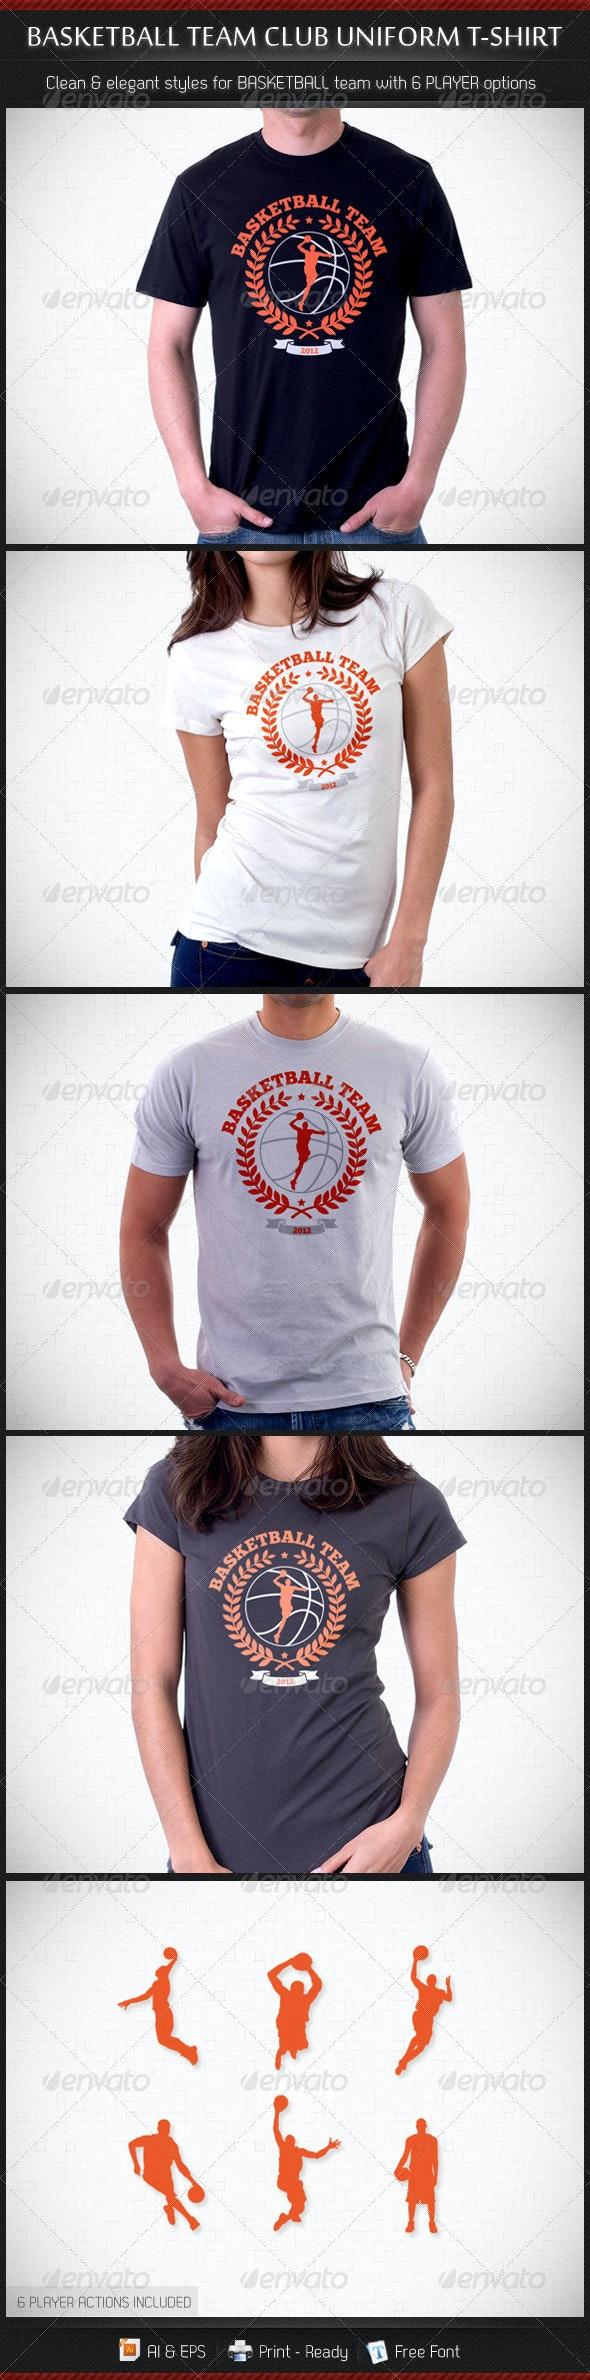 Basketball Team Club Uniform T-Shirt - Sports & Teams T-Shirts